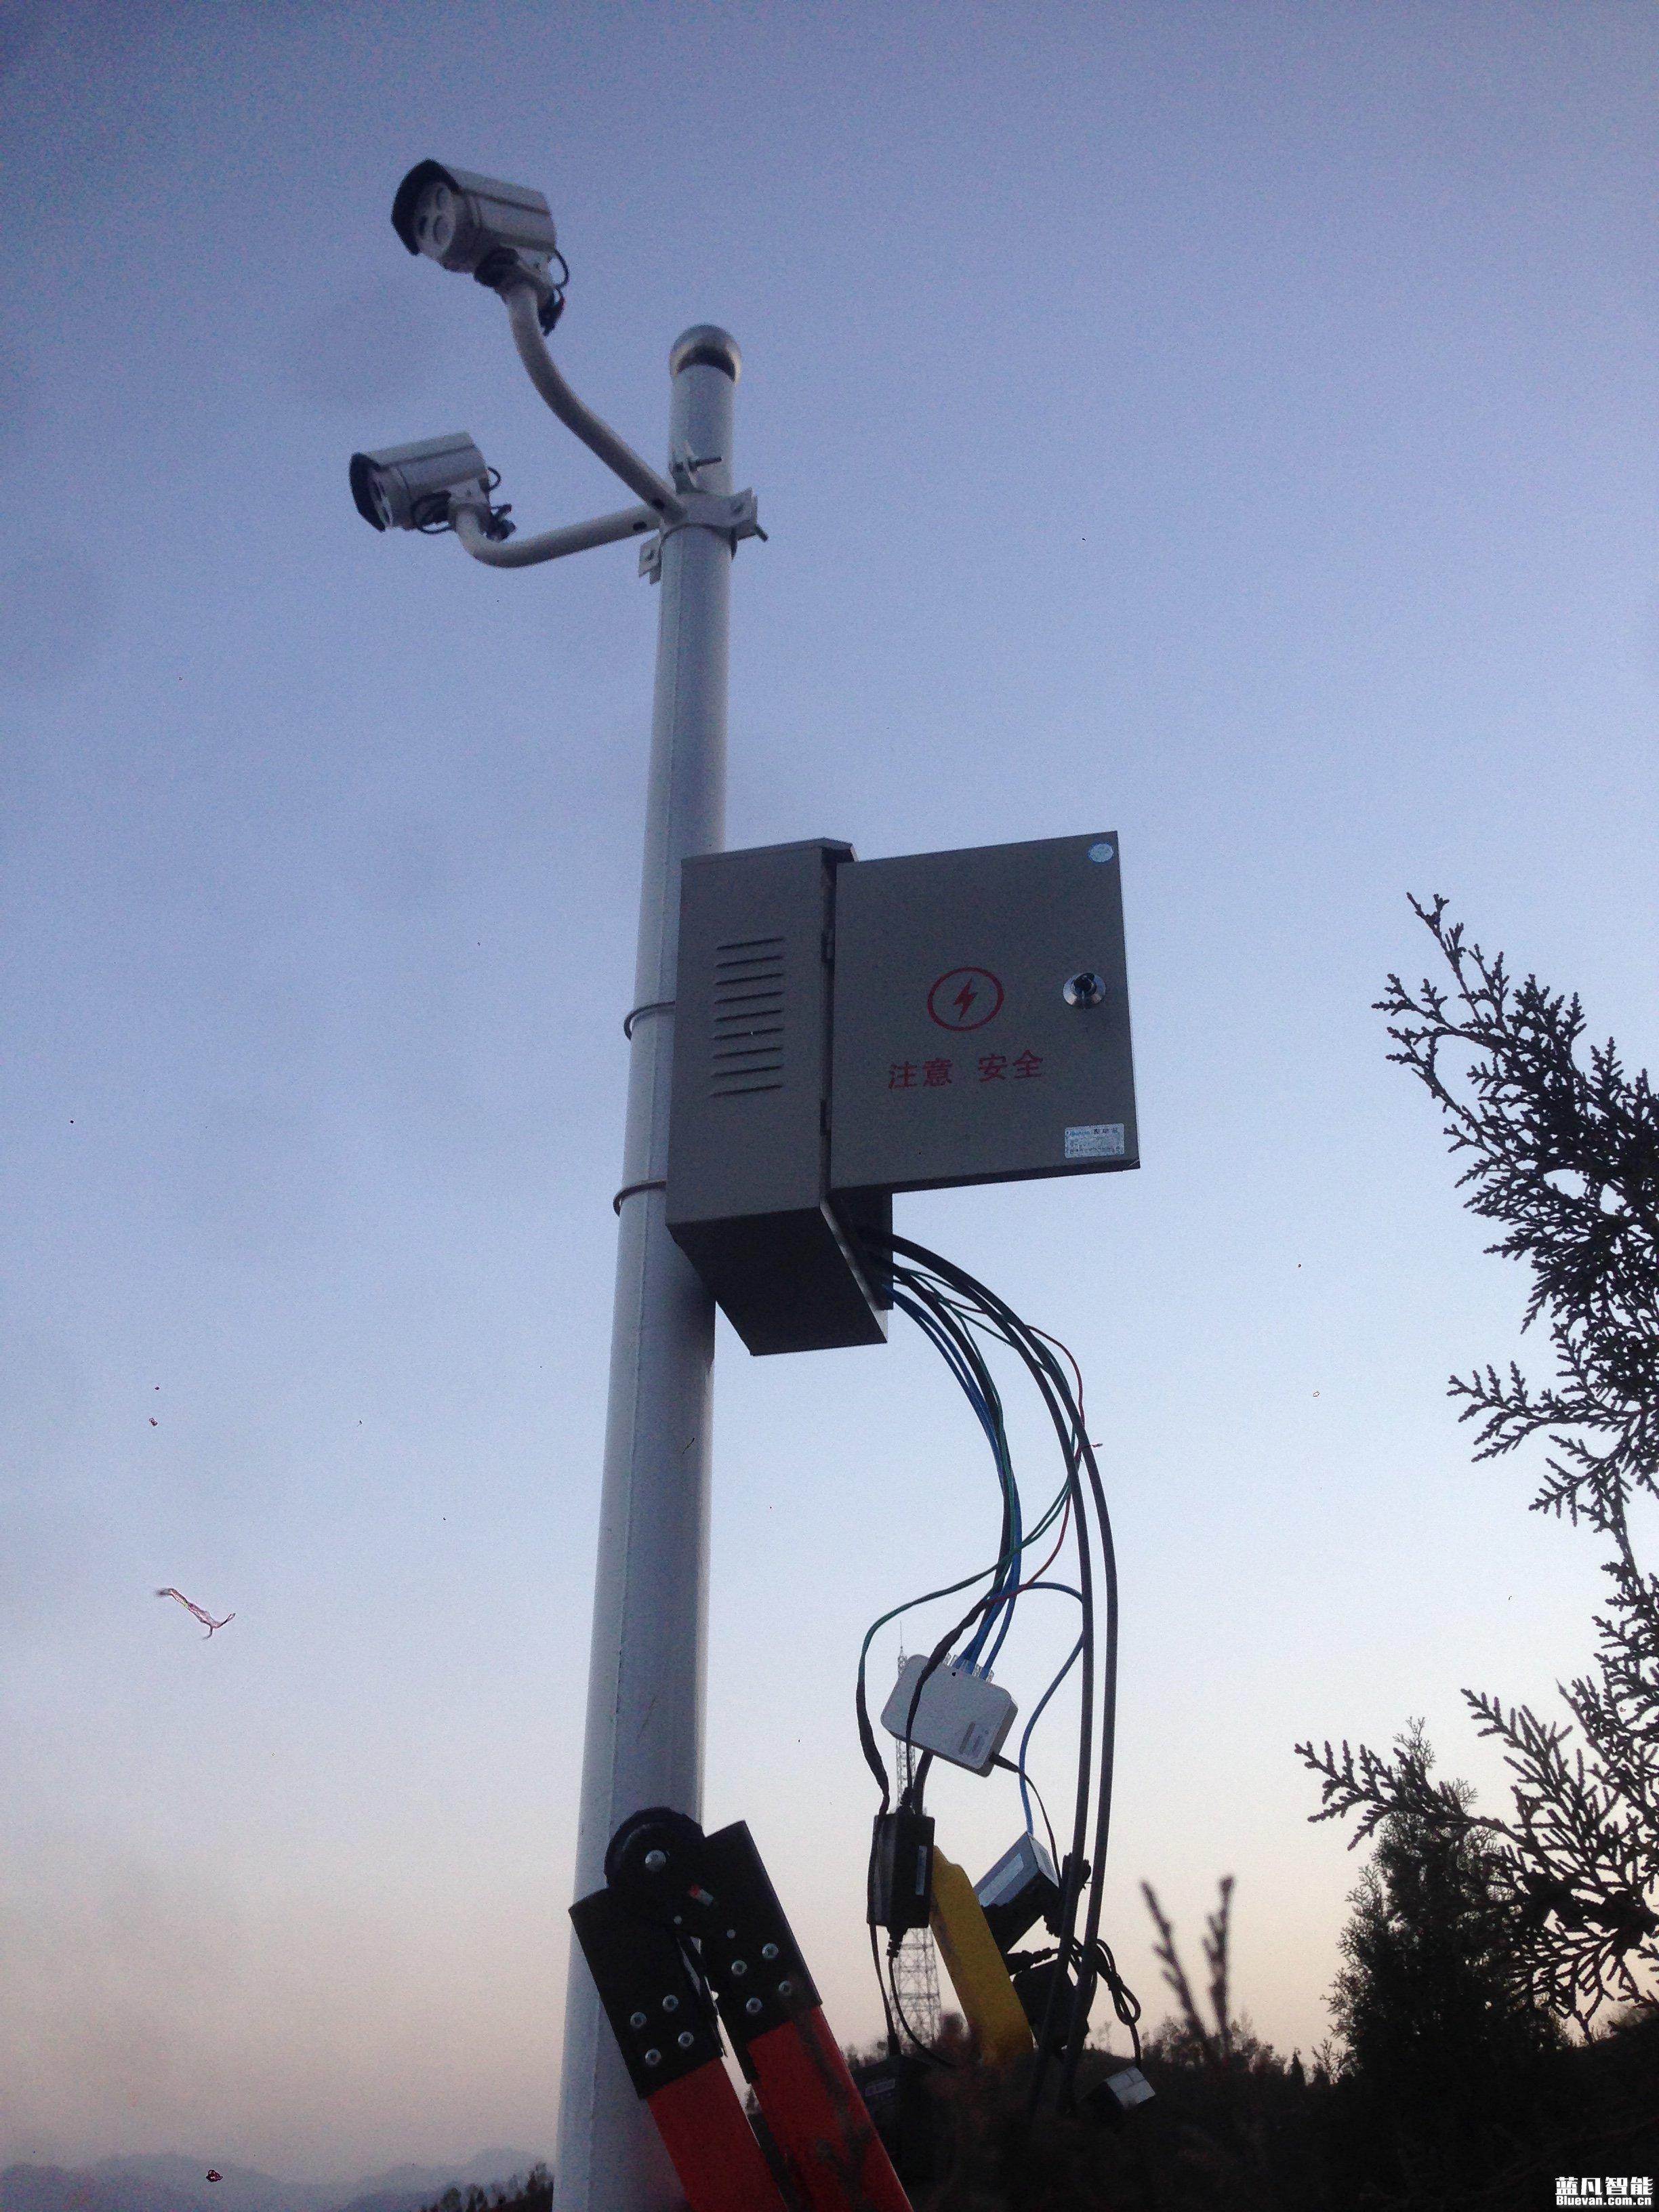 胡家河煤矿铁路运营分公司安防监控系统安装工程案例,采用光纤传输距离约3公里,球机监控设备自动巡航和人脸识别聚焦模式,服务器终端连接2台电脑客户端,布置两个终端进行观看实时画面及回放录像,咸阳监控安装精品工程案例。  监控球型摄像头拍摄画面,360度球型摄像头拍摄监控画面。位置:运营处2楼机房外。